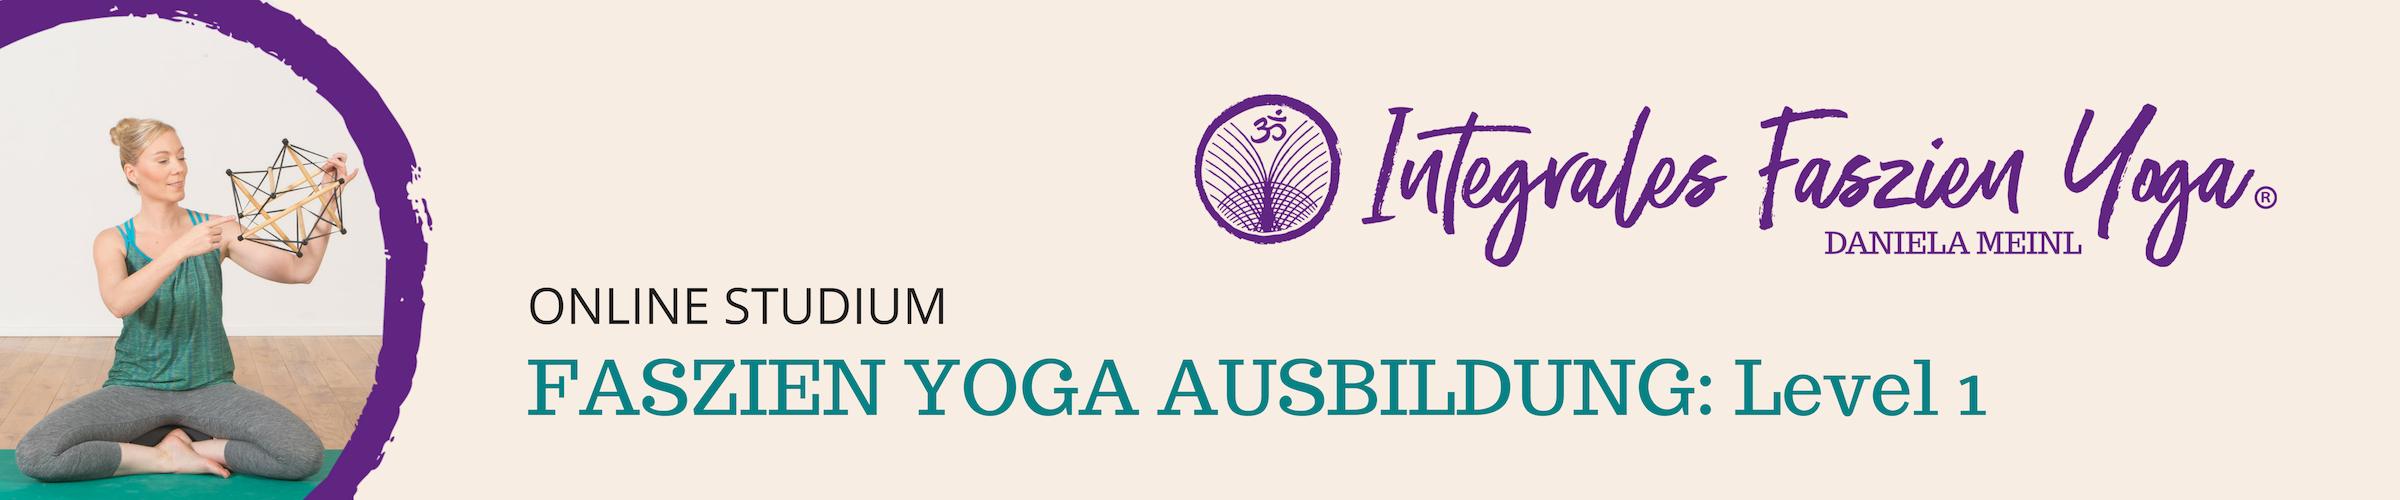 Ausbildung Level 1: Faszien Yoga LehrerIn – rein online